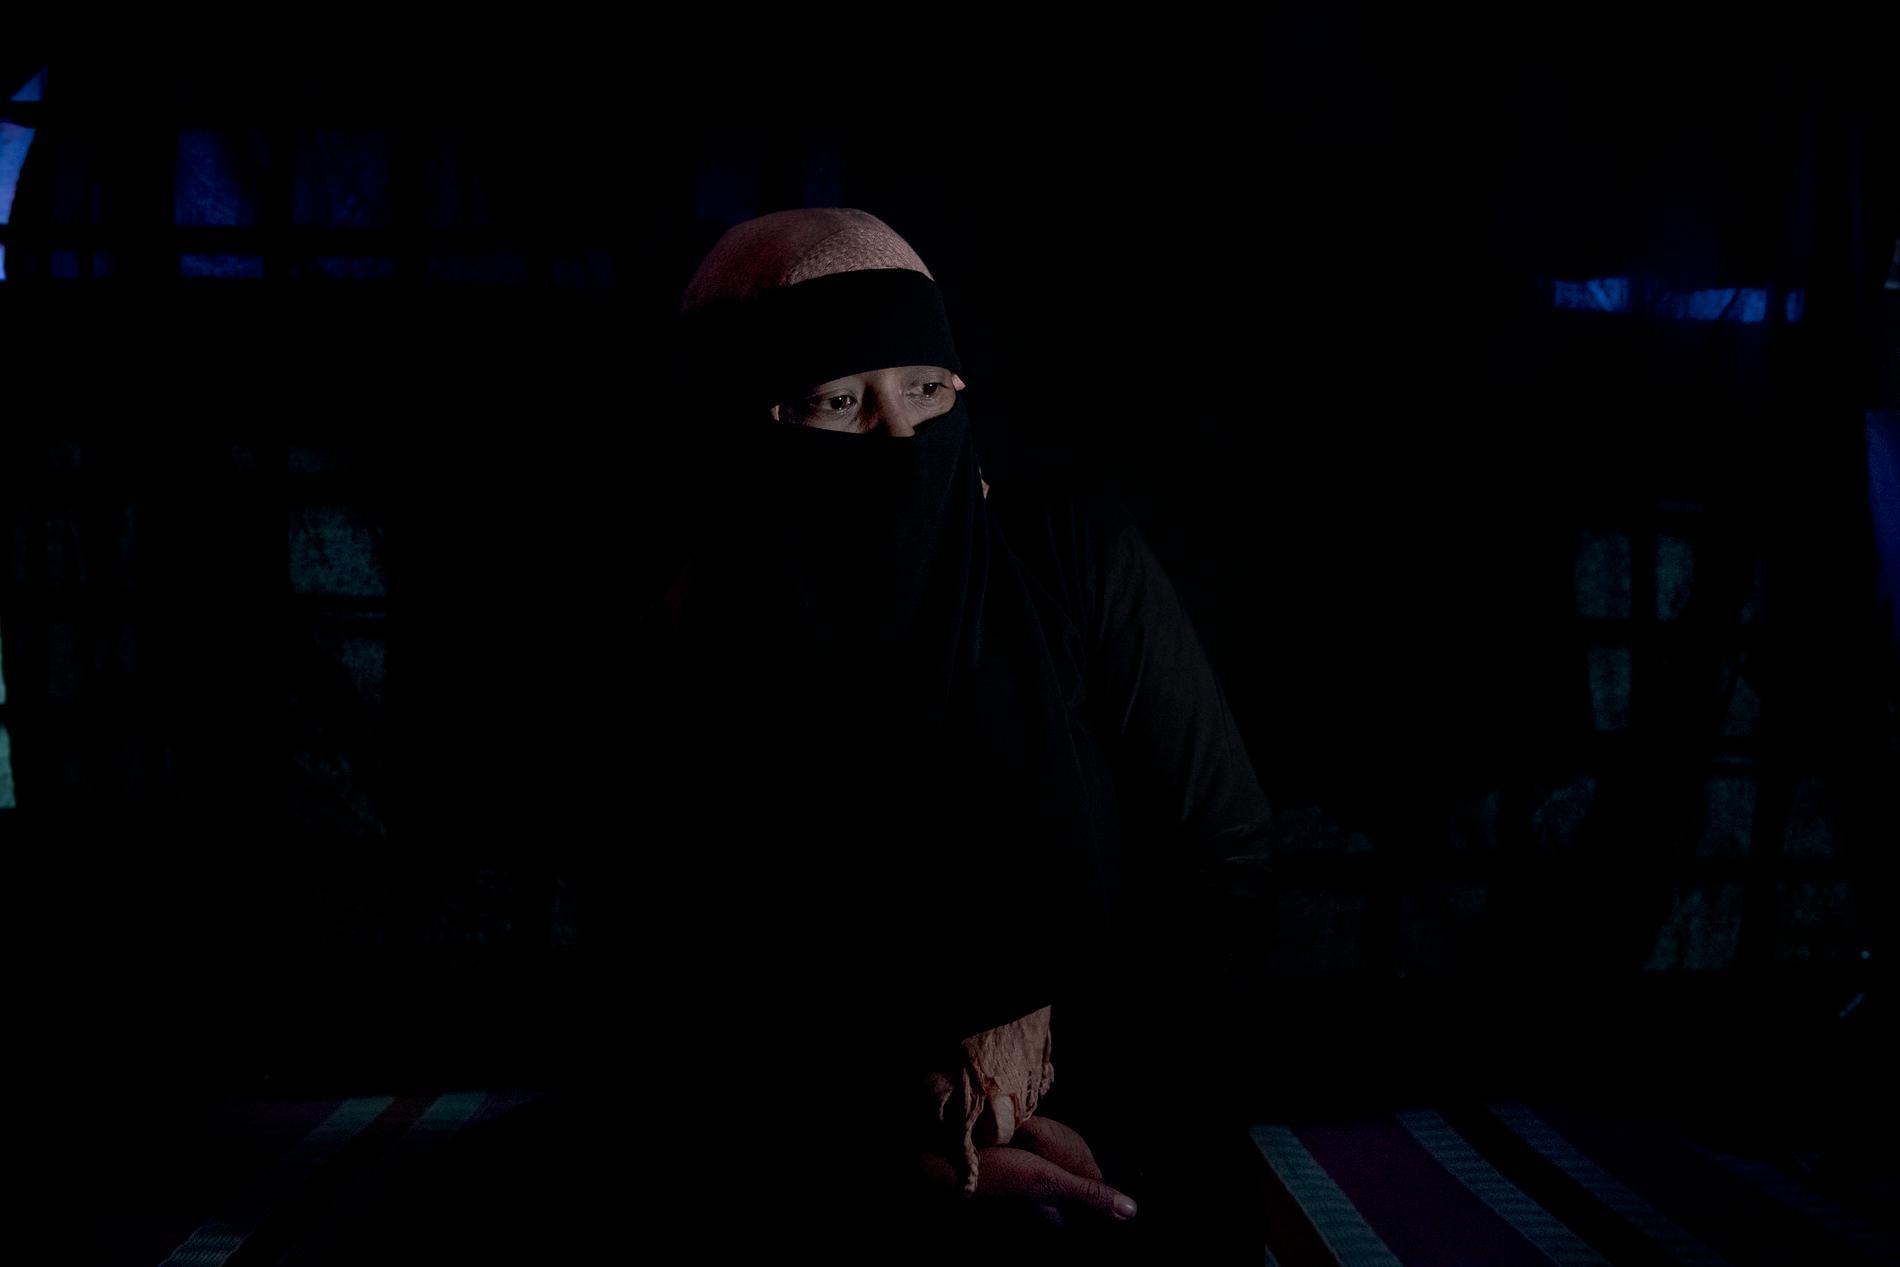 Hon var gravid i femte månaden när militärerna tände eld på familjens hem. Somada Begum, 27, kidnappades och våldtogs, ibland med kniv, i flera dagar. Hon förlorade barnet, och har fortfarande blödningar i underlivet.